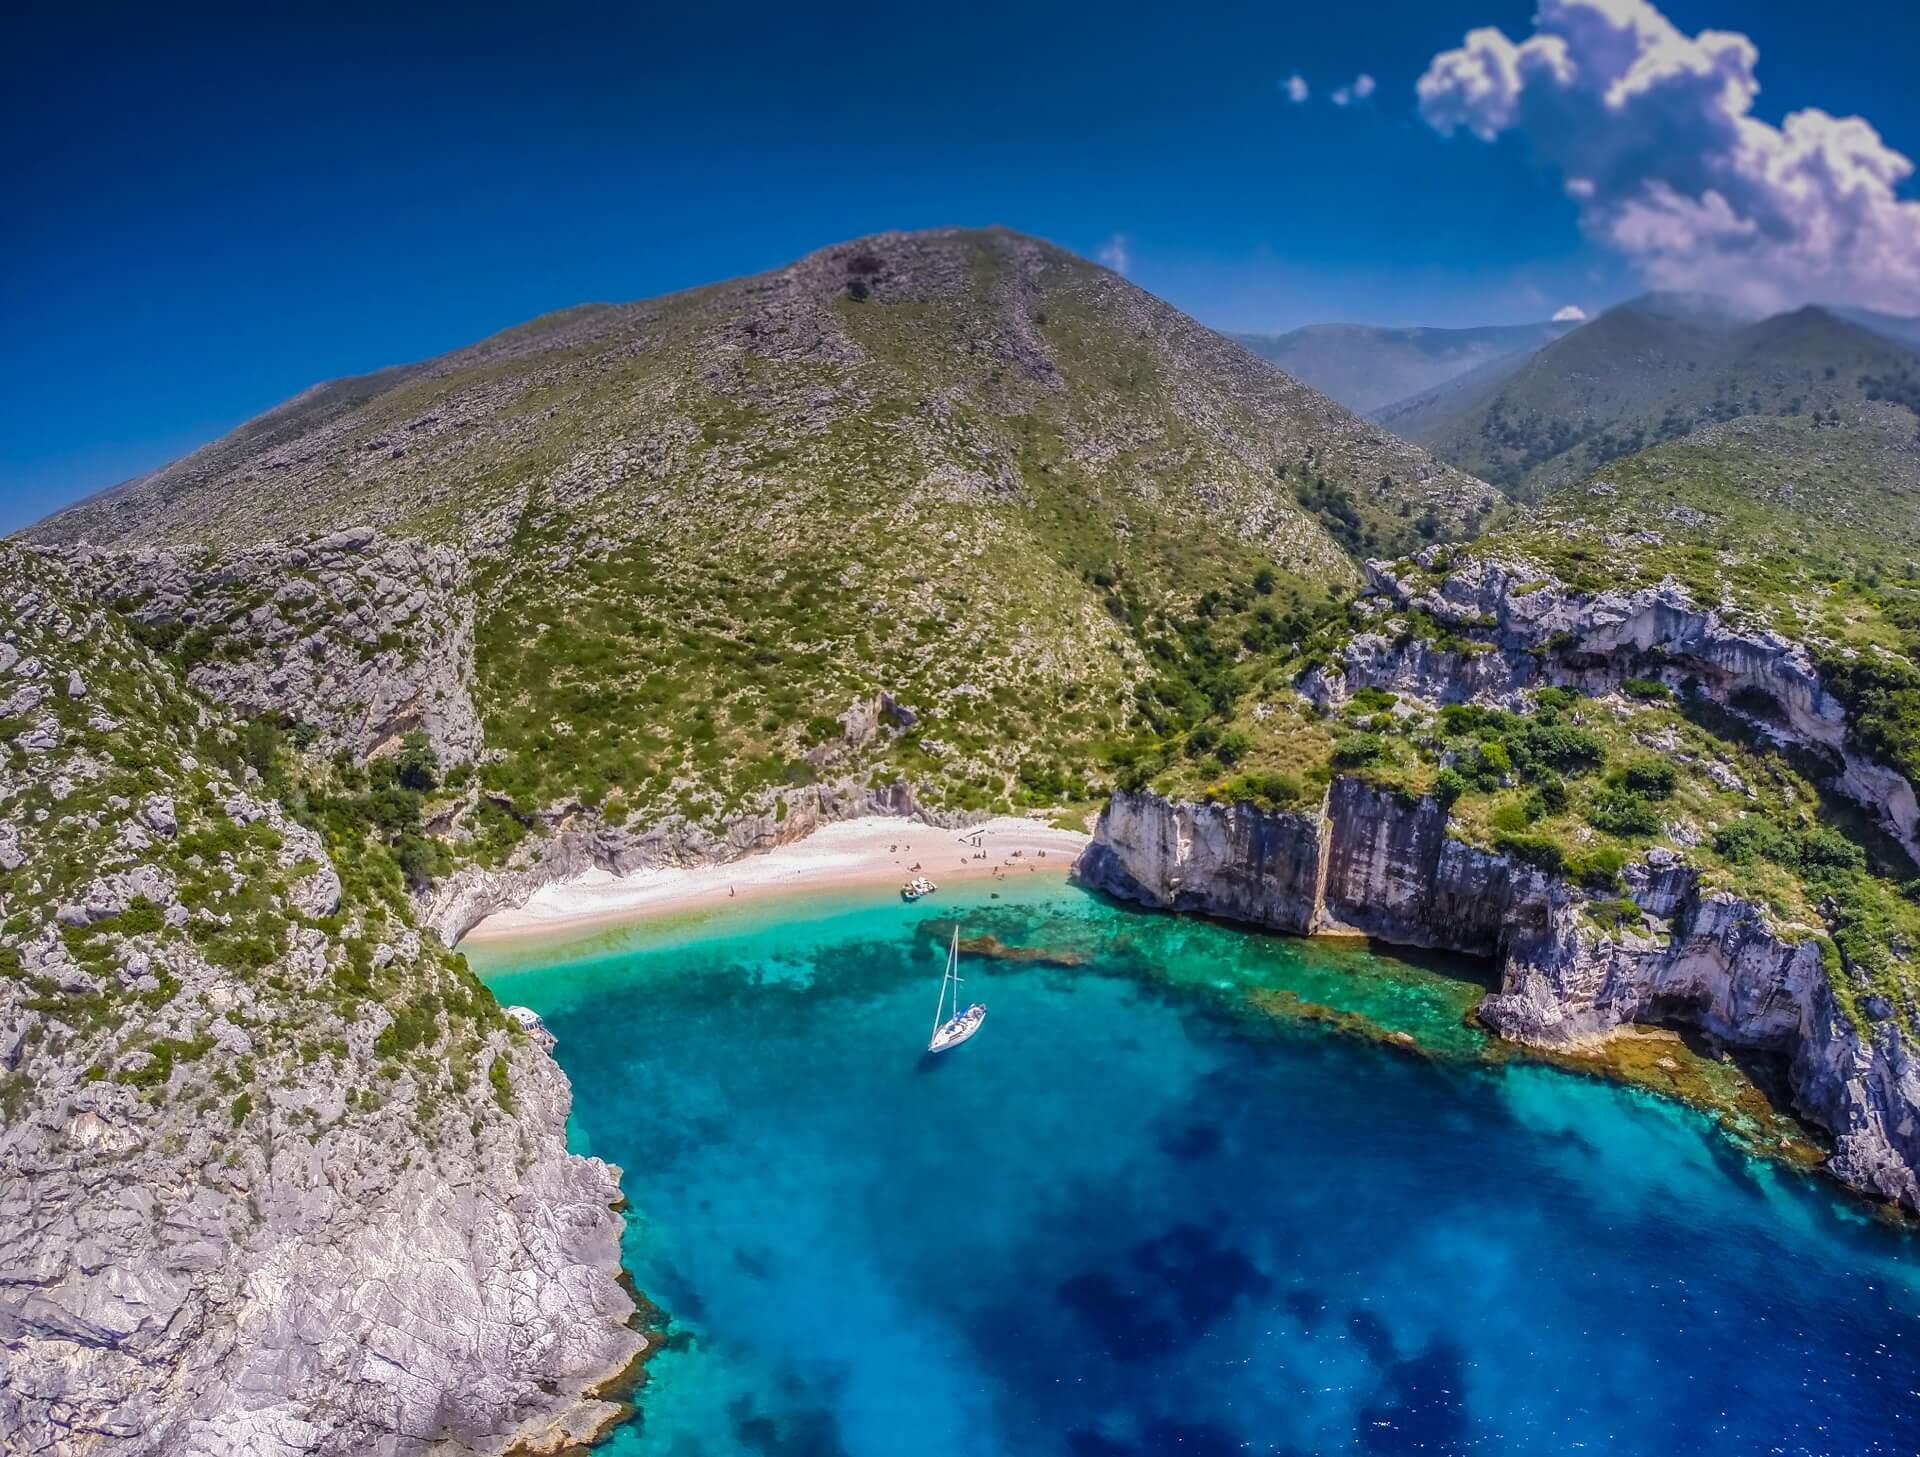 albanien urlaub erfahrungsberichte 2018